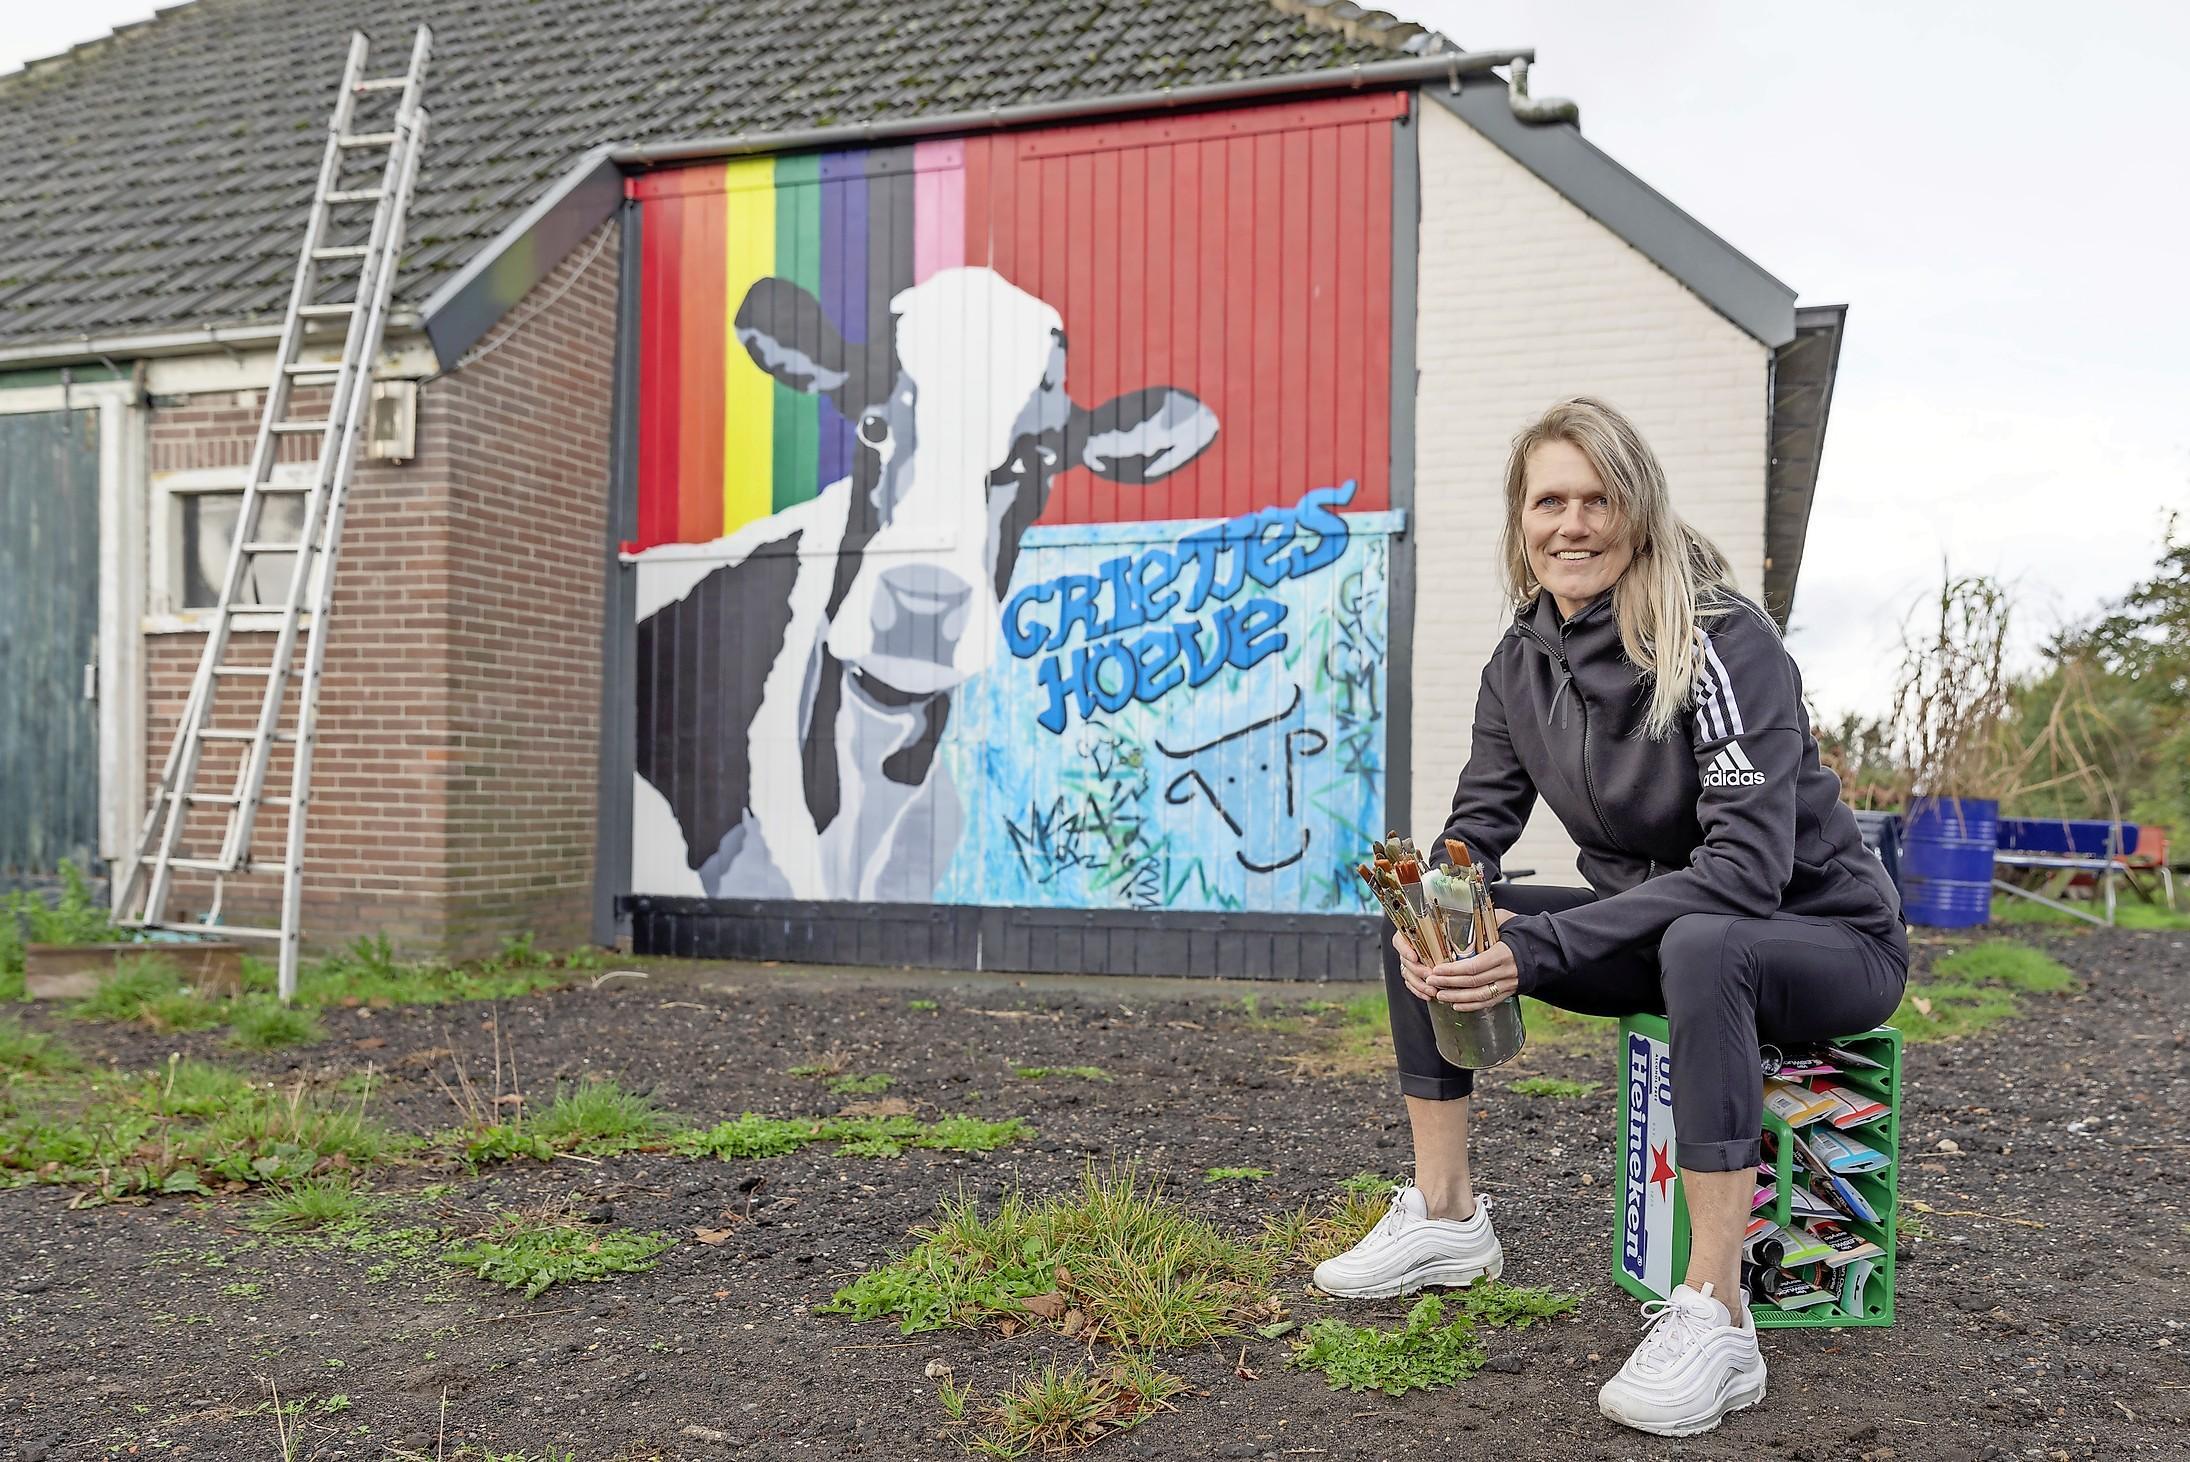 'Graffiti vind ik prachtig. En ik word helemaal blij van letters'. Op de achtergrond blijven lukt niet erg met de kleurrijke popartschilderingen die Marjan Brouwer in en rond Oosterend maakt